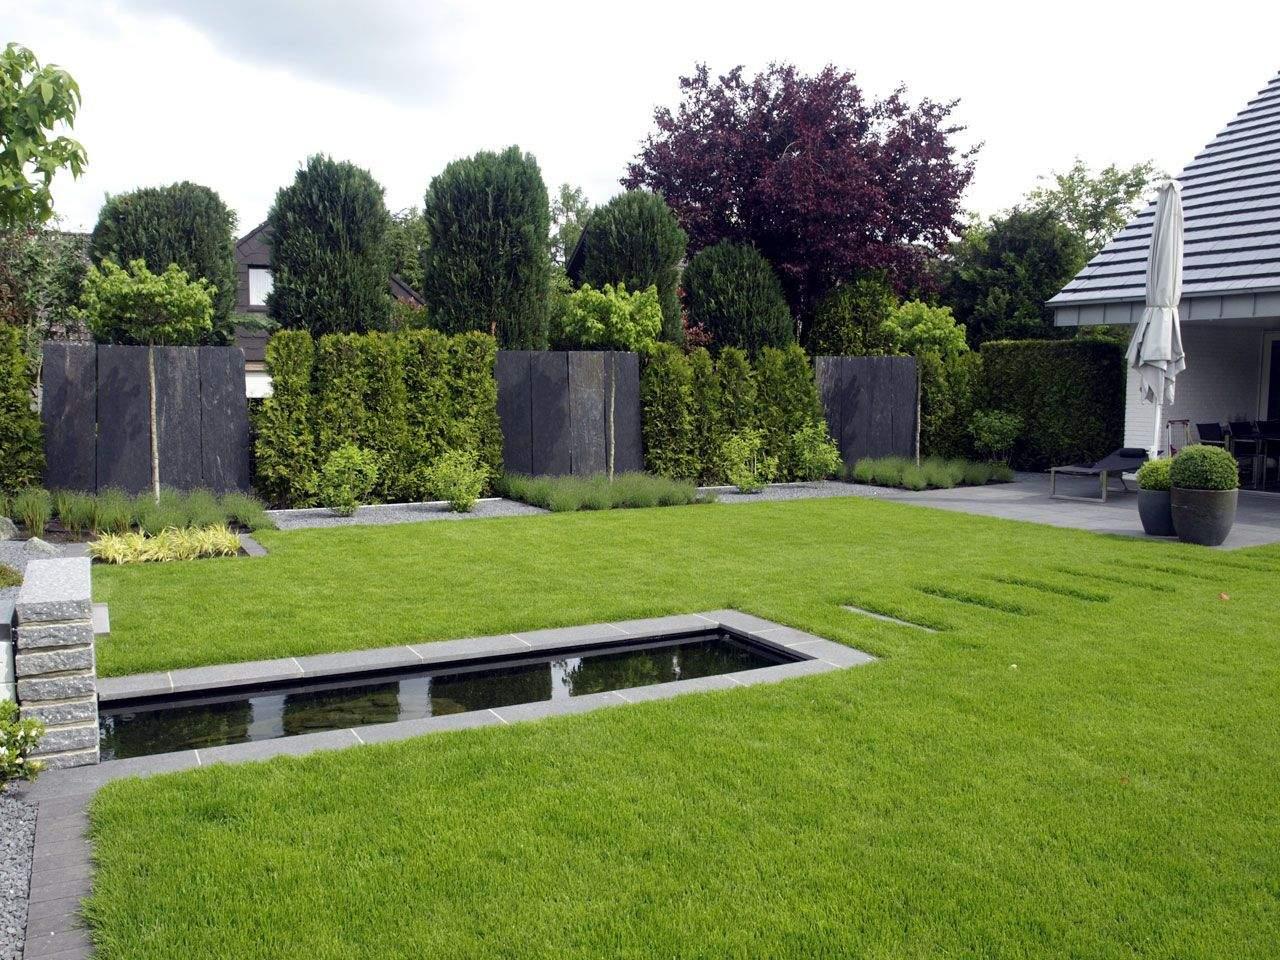 Moderner Sichtschutz Im Garten Inspirierend Gärten Geradlinig Gestaltet